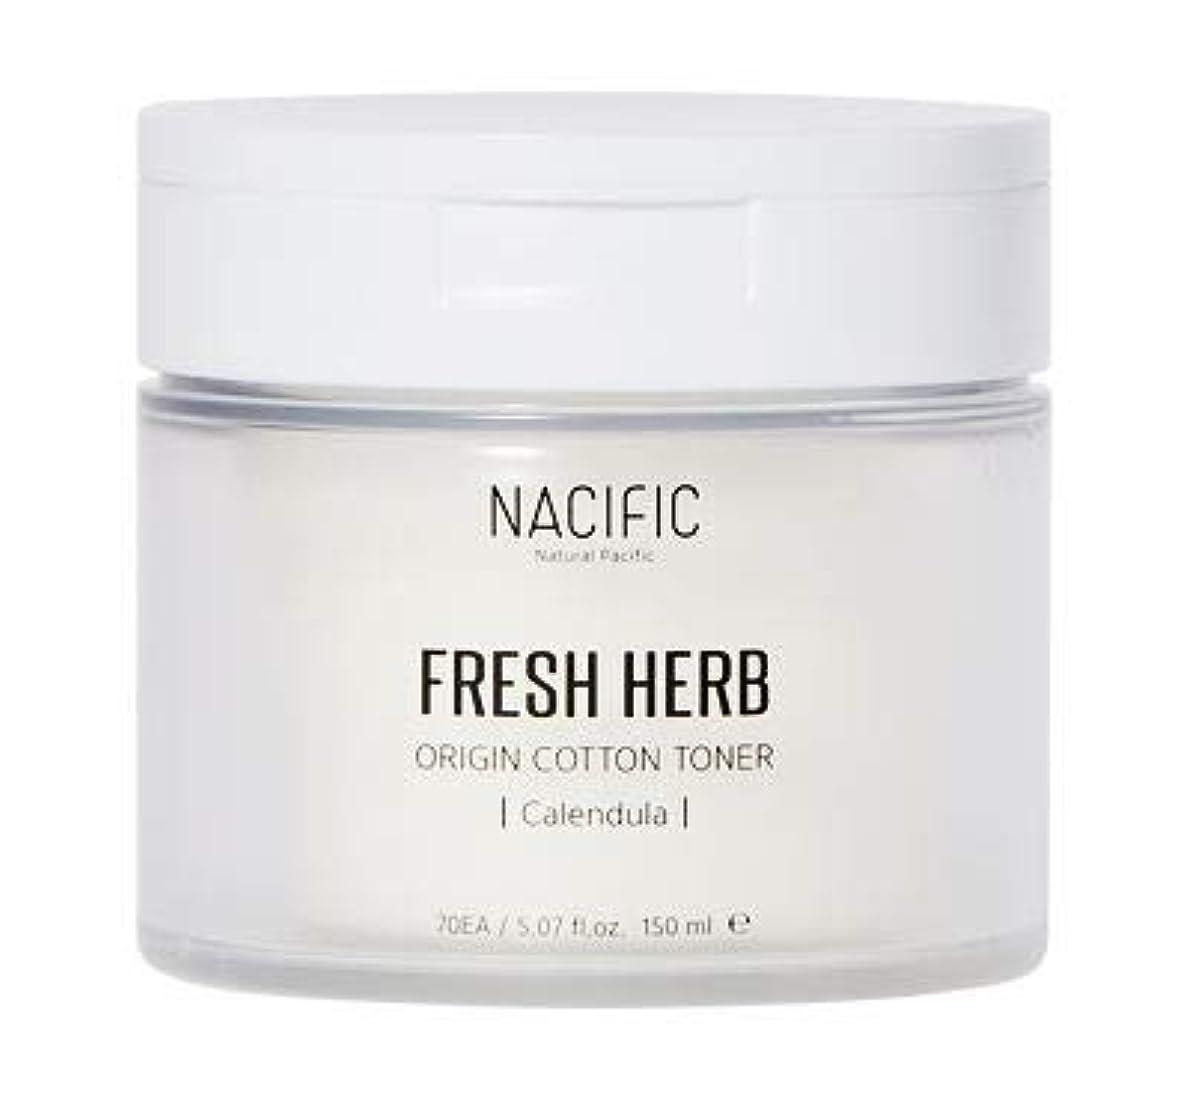 検査官カスタム使い込む[Nacific] Fresh Herb Origin Cotton Toner 150ml (Calendula) /[ナシフィック] フレッシュ ハーブ オリジン コットン トナー (カレンデュラ)150ml [並行輸入品]